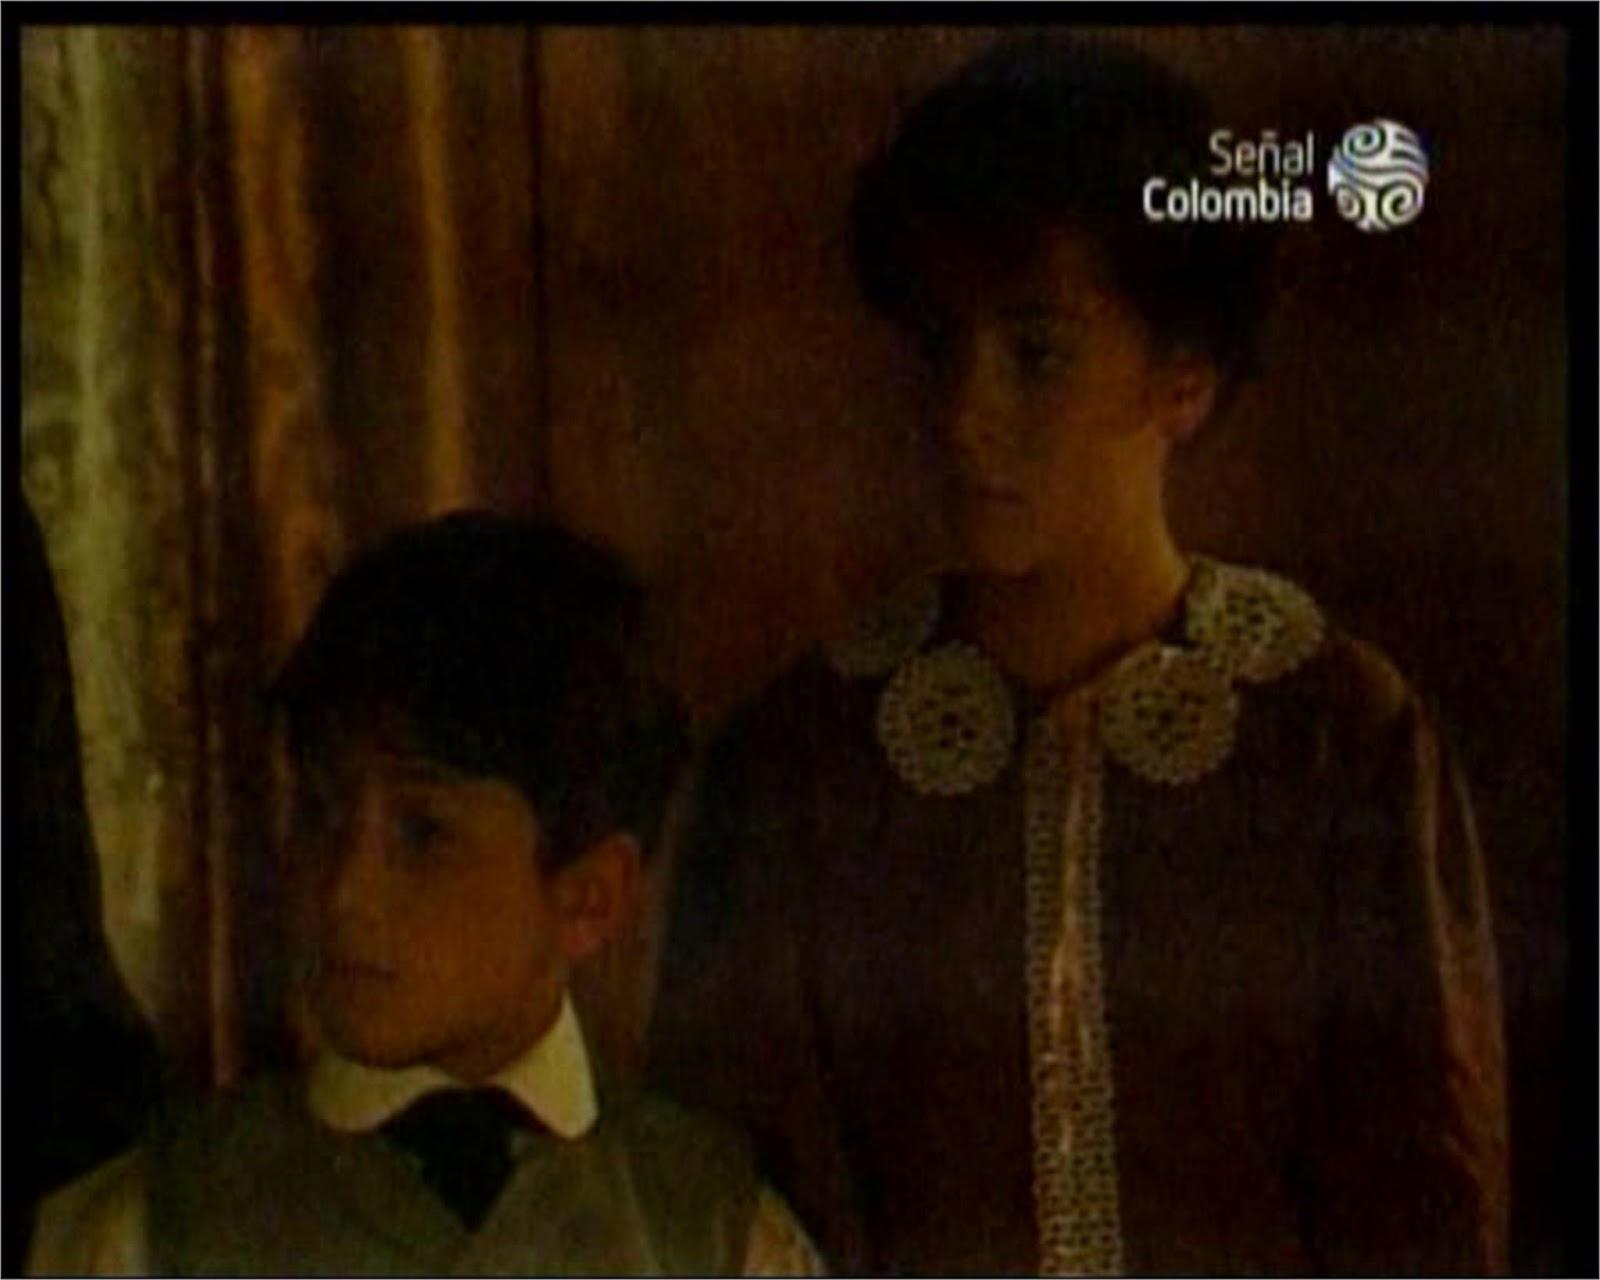 Danna García fotos..La Casa de las dos Palmas 1990 - Página 3 EVANGELINA+(DANNA+GARCIA+NI%C3%91A)+ZY